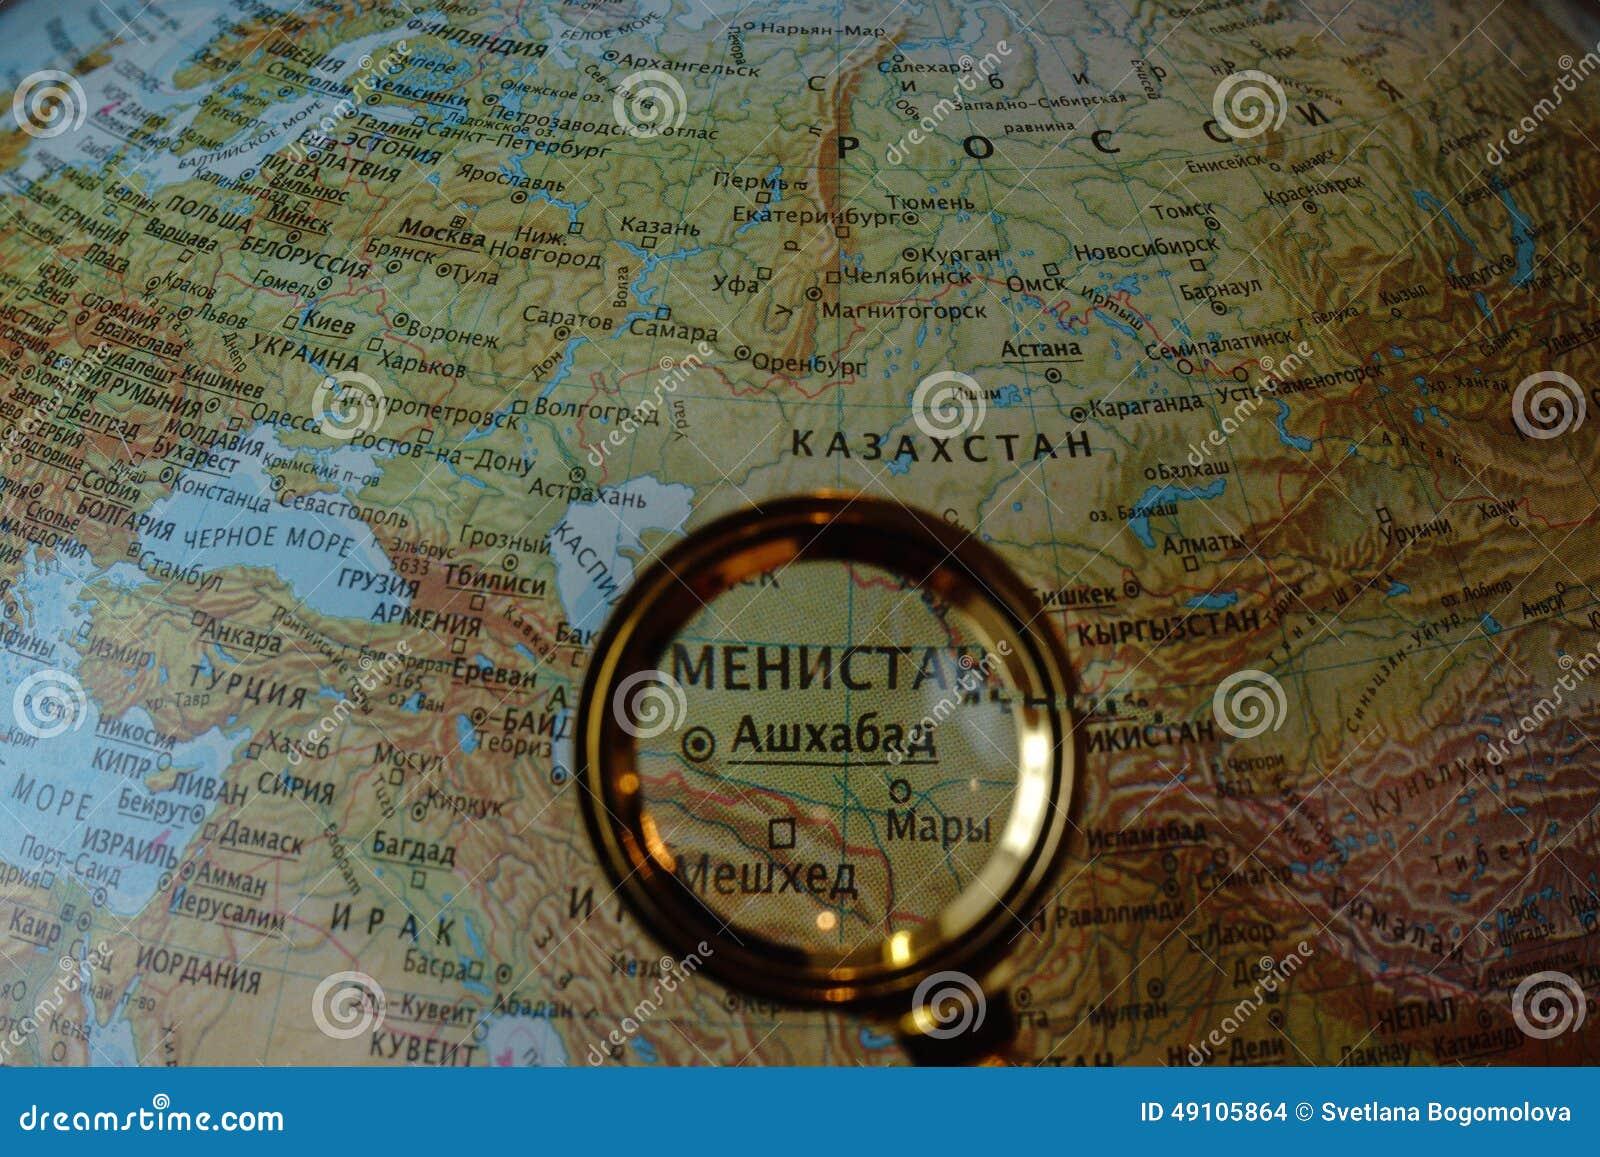 Centraal-Azië op Russische kaart